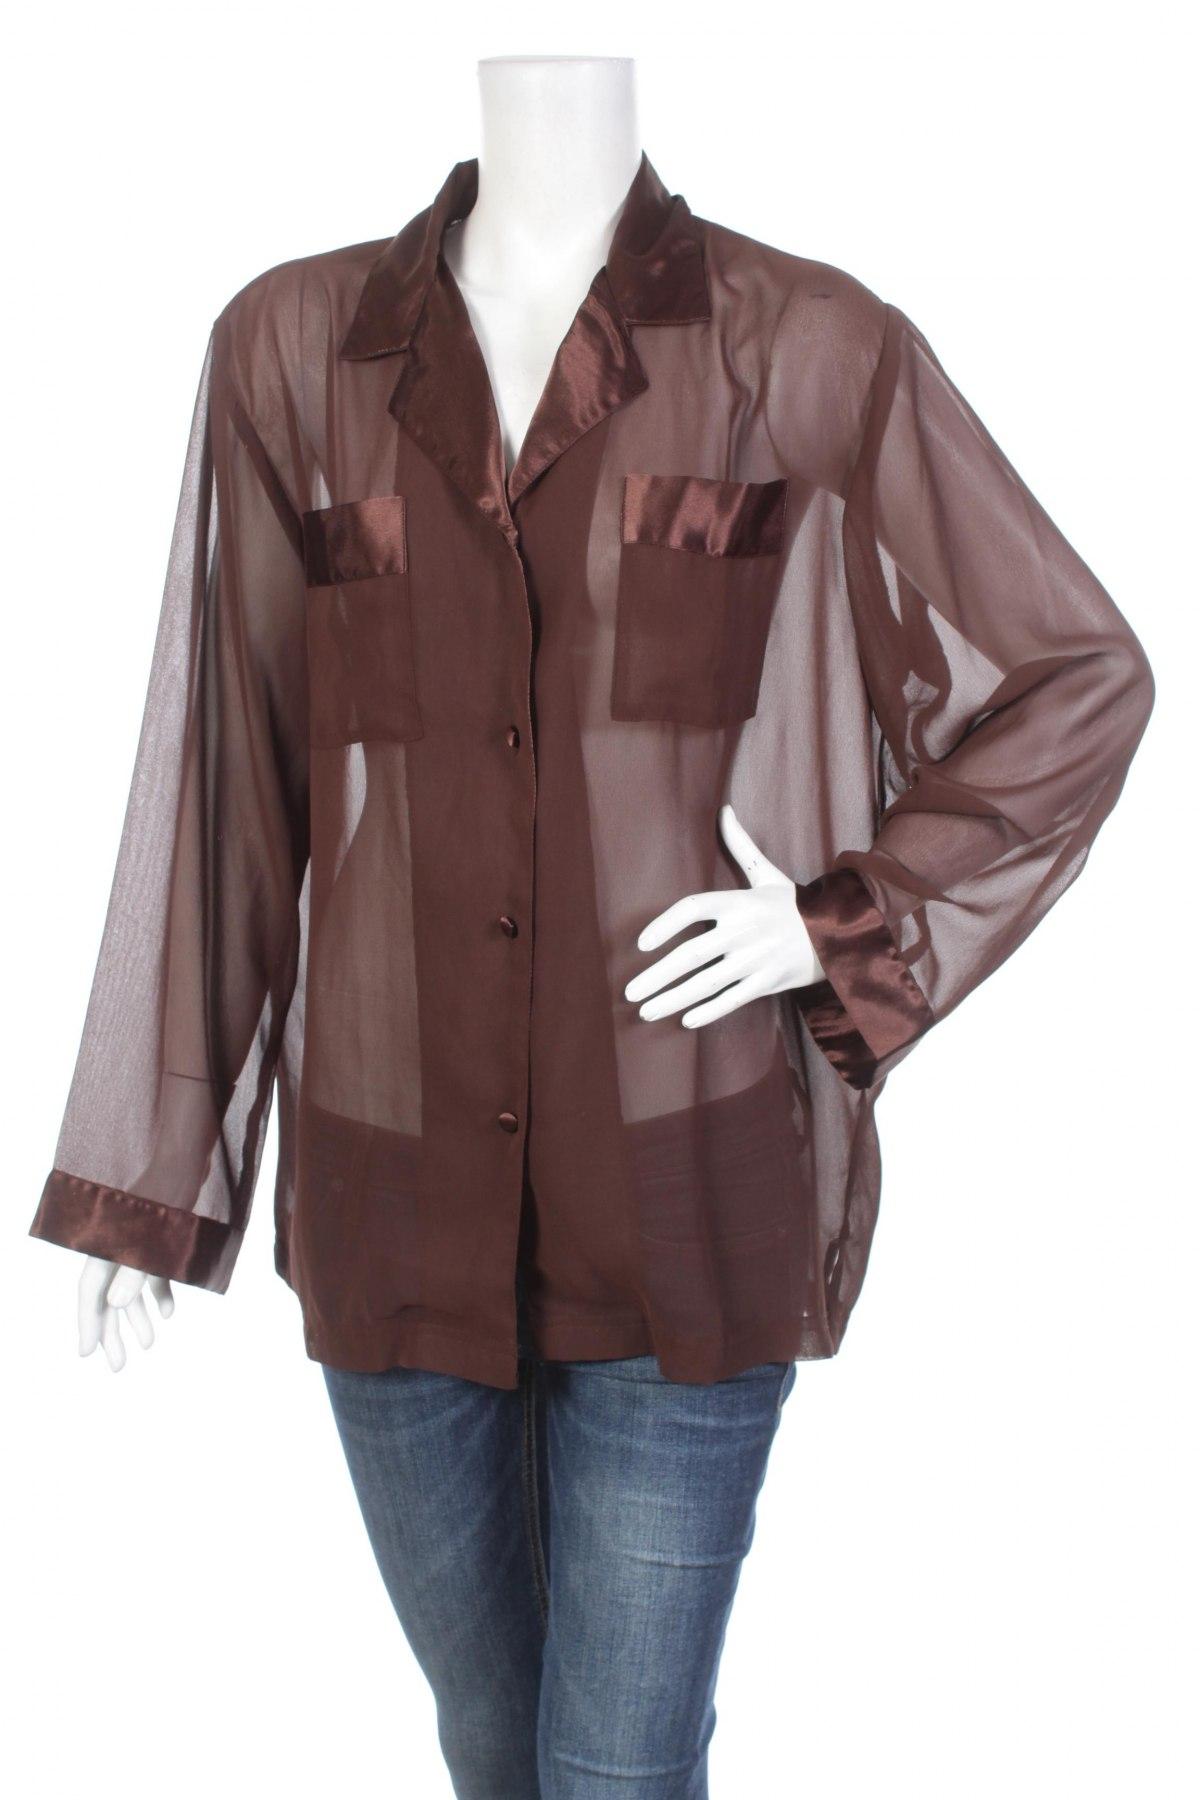 Γυναικείο πουκάμισο Hennes&mauritz